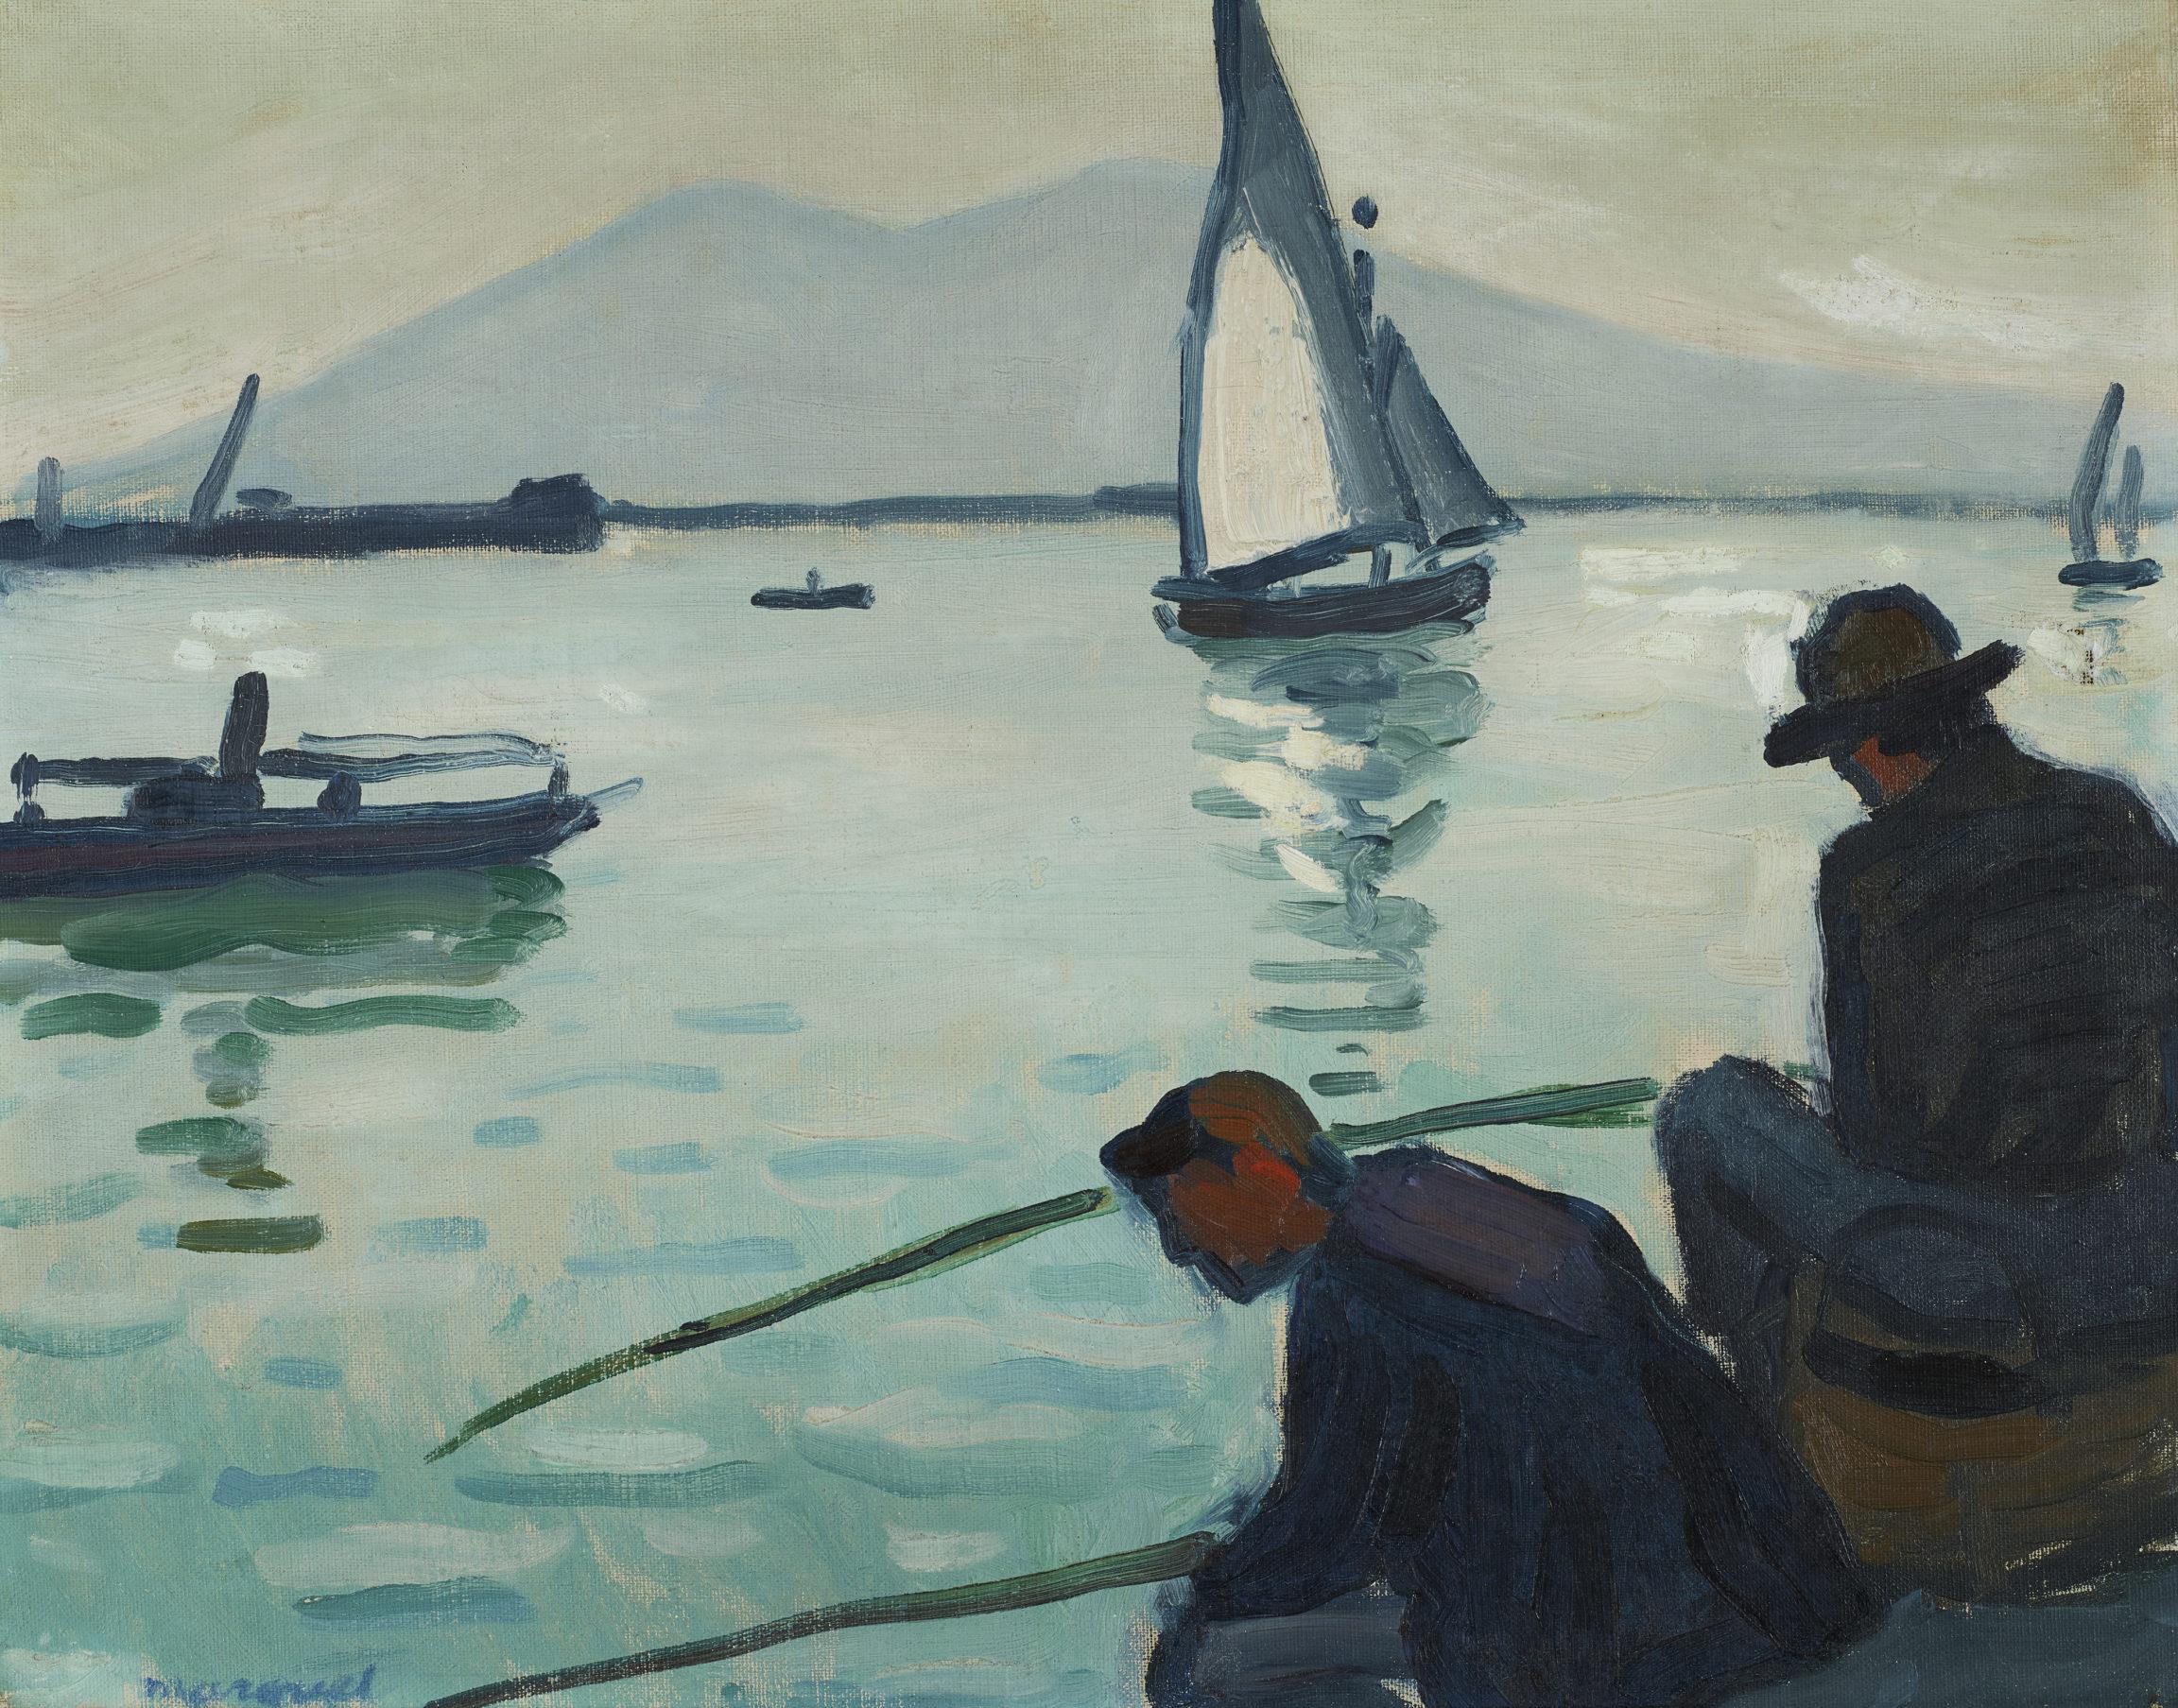 Albert Marquet, Les deux pêcheurs à Naples (Two Anglers in Naples), 1911